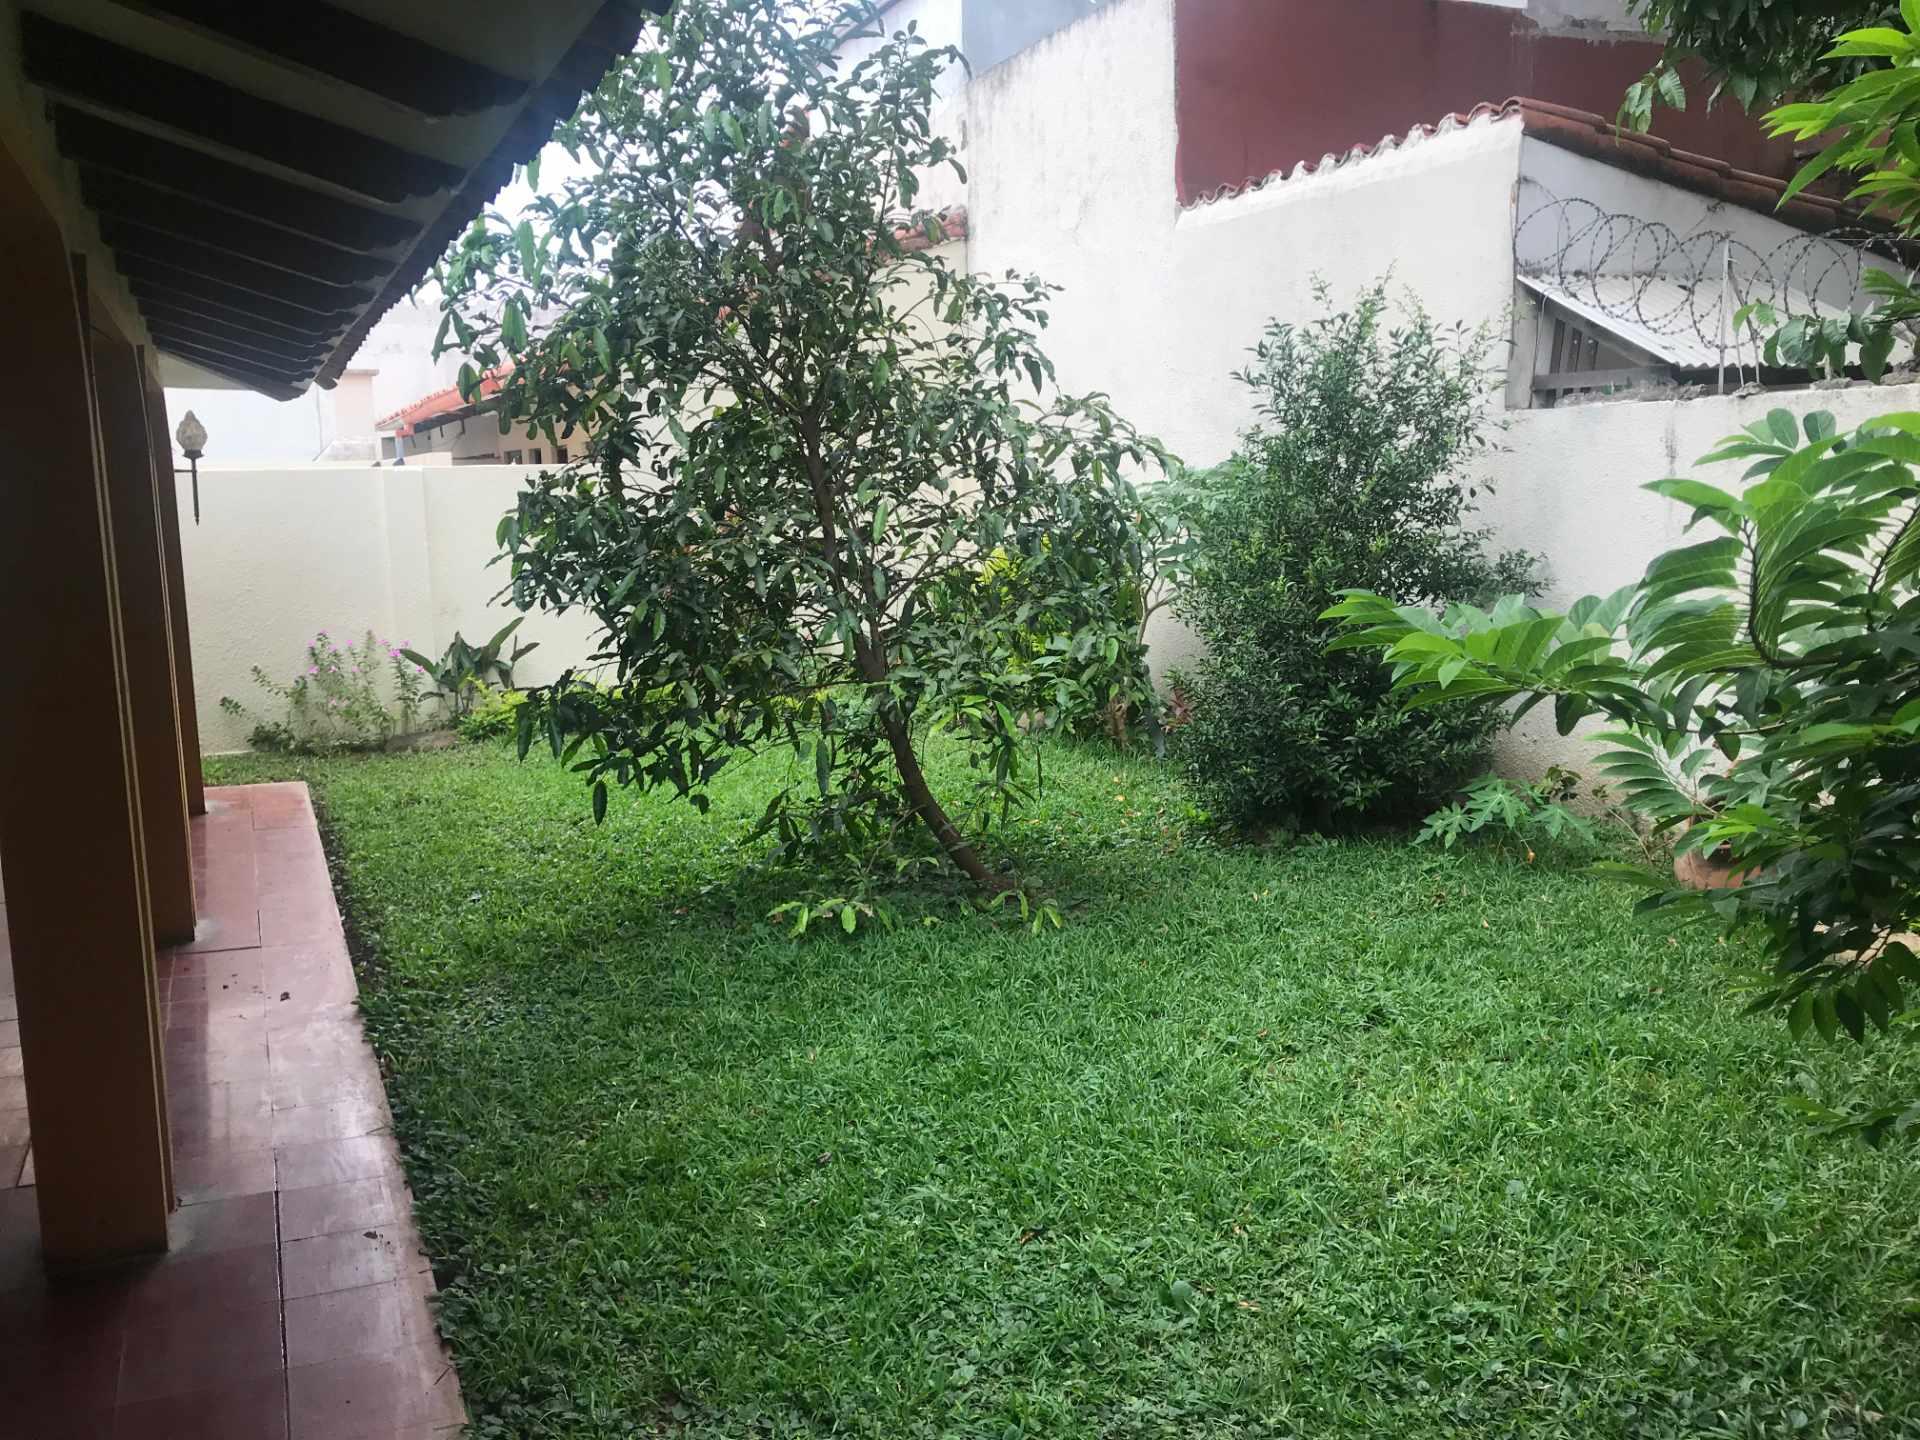 Casa en Venta Zona Sur de la Ciudad, Barrio Ramafa frente al Colegio Militar de Aviación. Foto 3